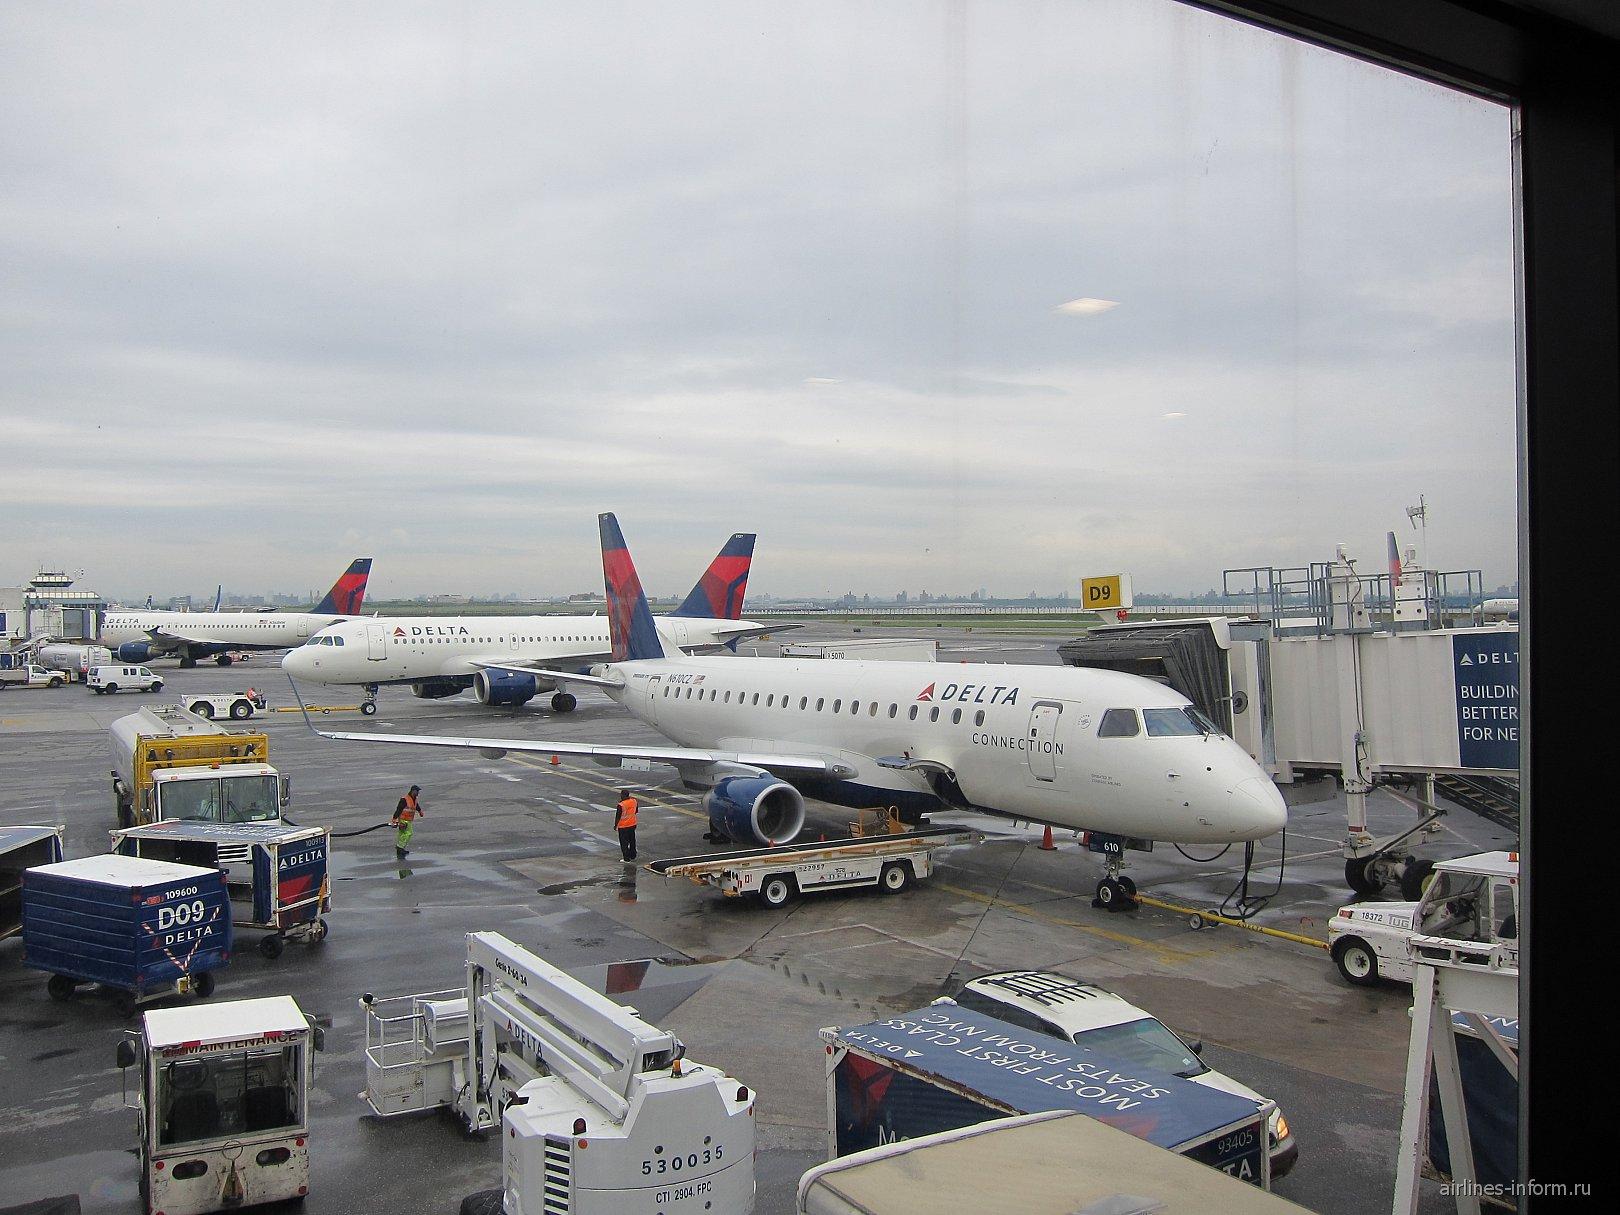 Embraer 175 авиакомпании Shuttle America в аэропорту Нью-Йорк Ла-Гардия